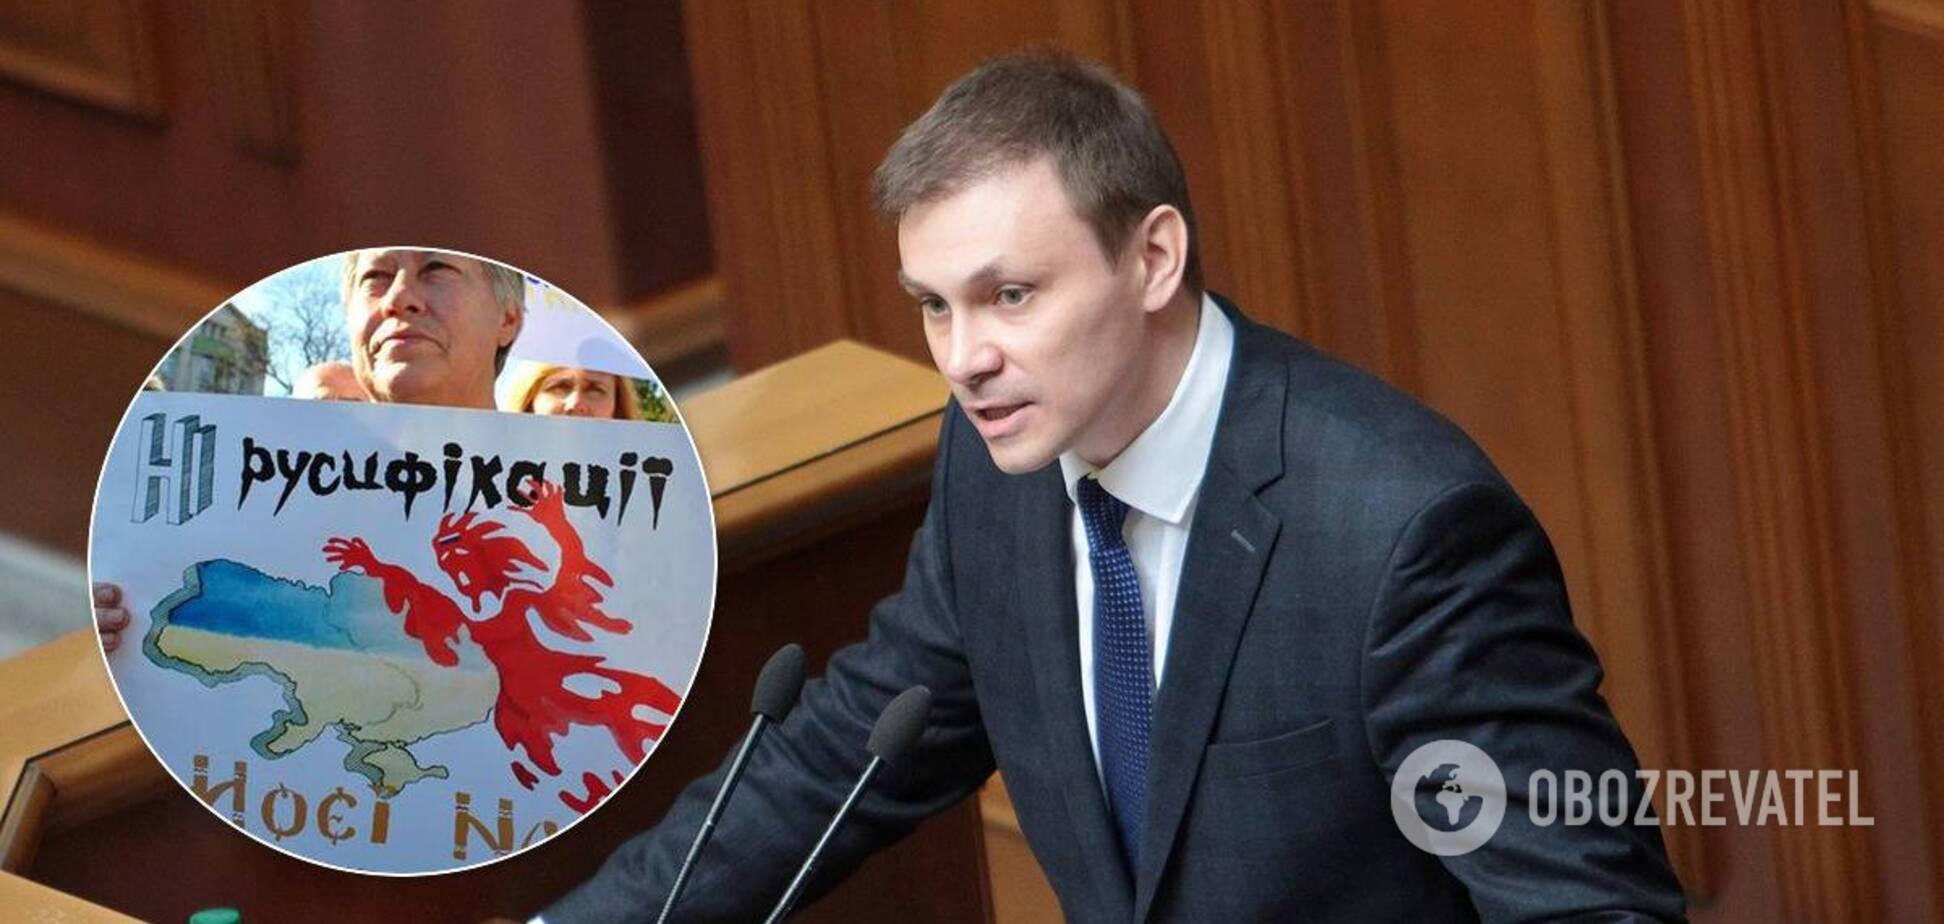 Екснардеп після цитування доктрини Путіна відзначився новим конфузом у КСУ